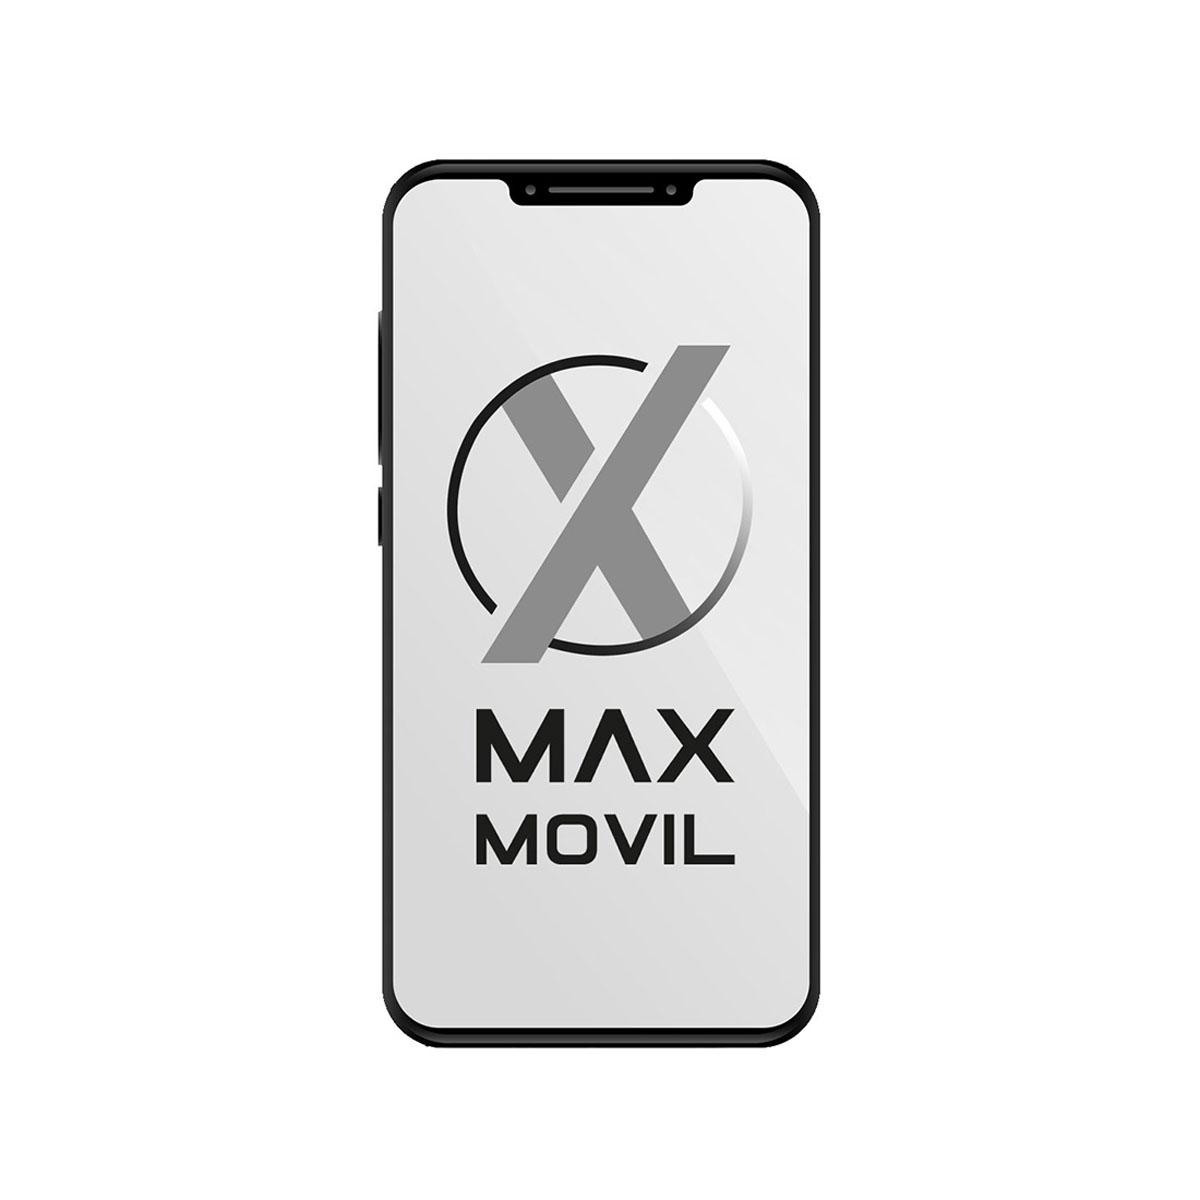 Samsung Galaxy S4 Mini i9195 black edition libre